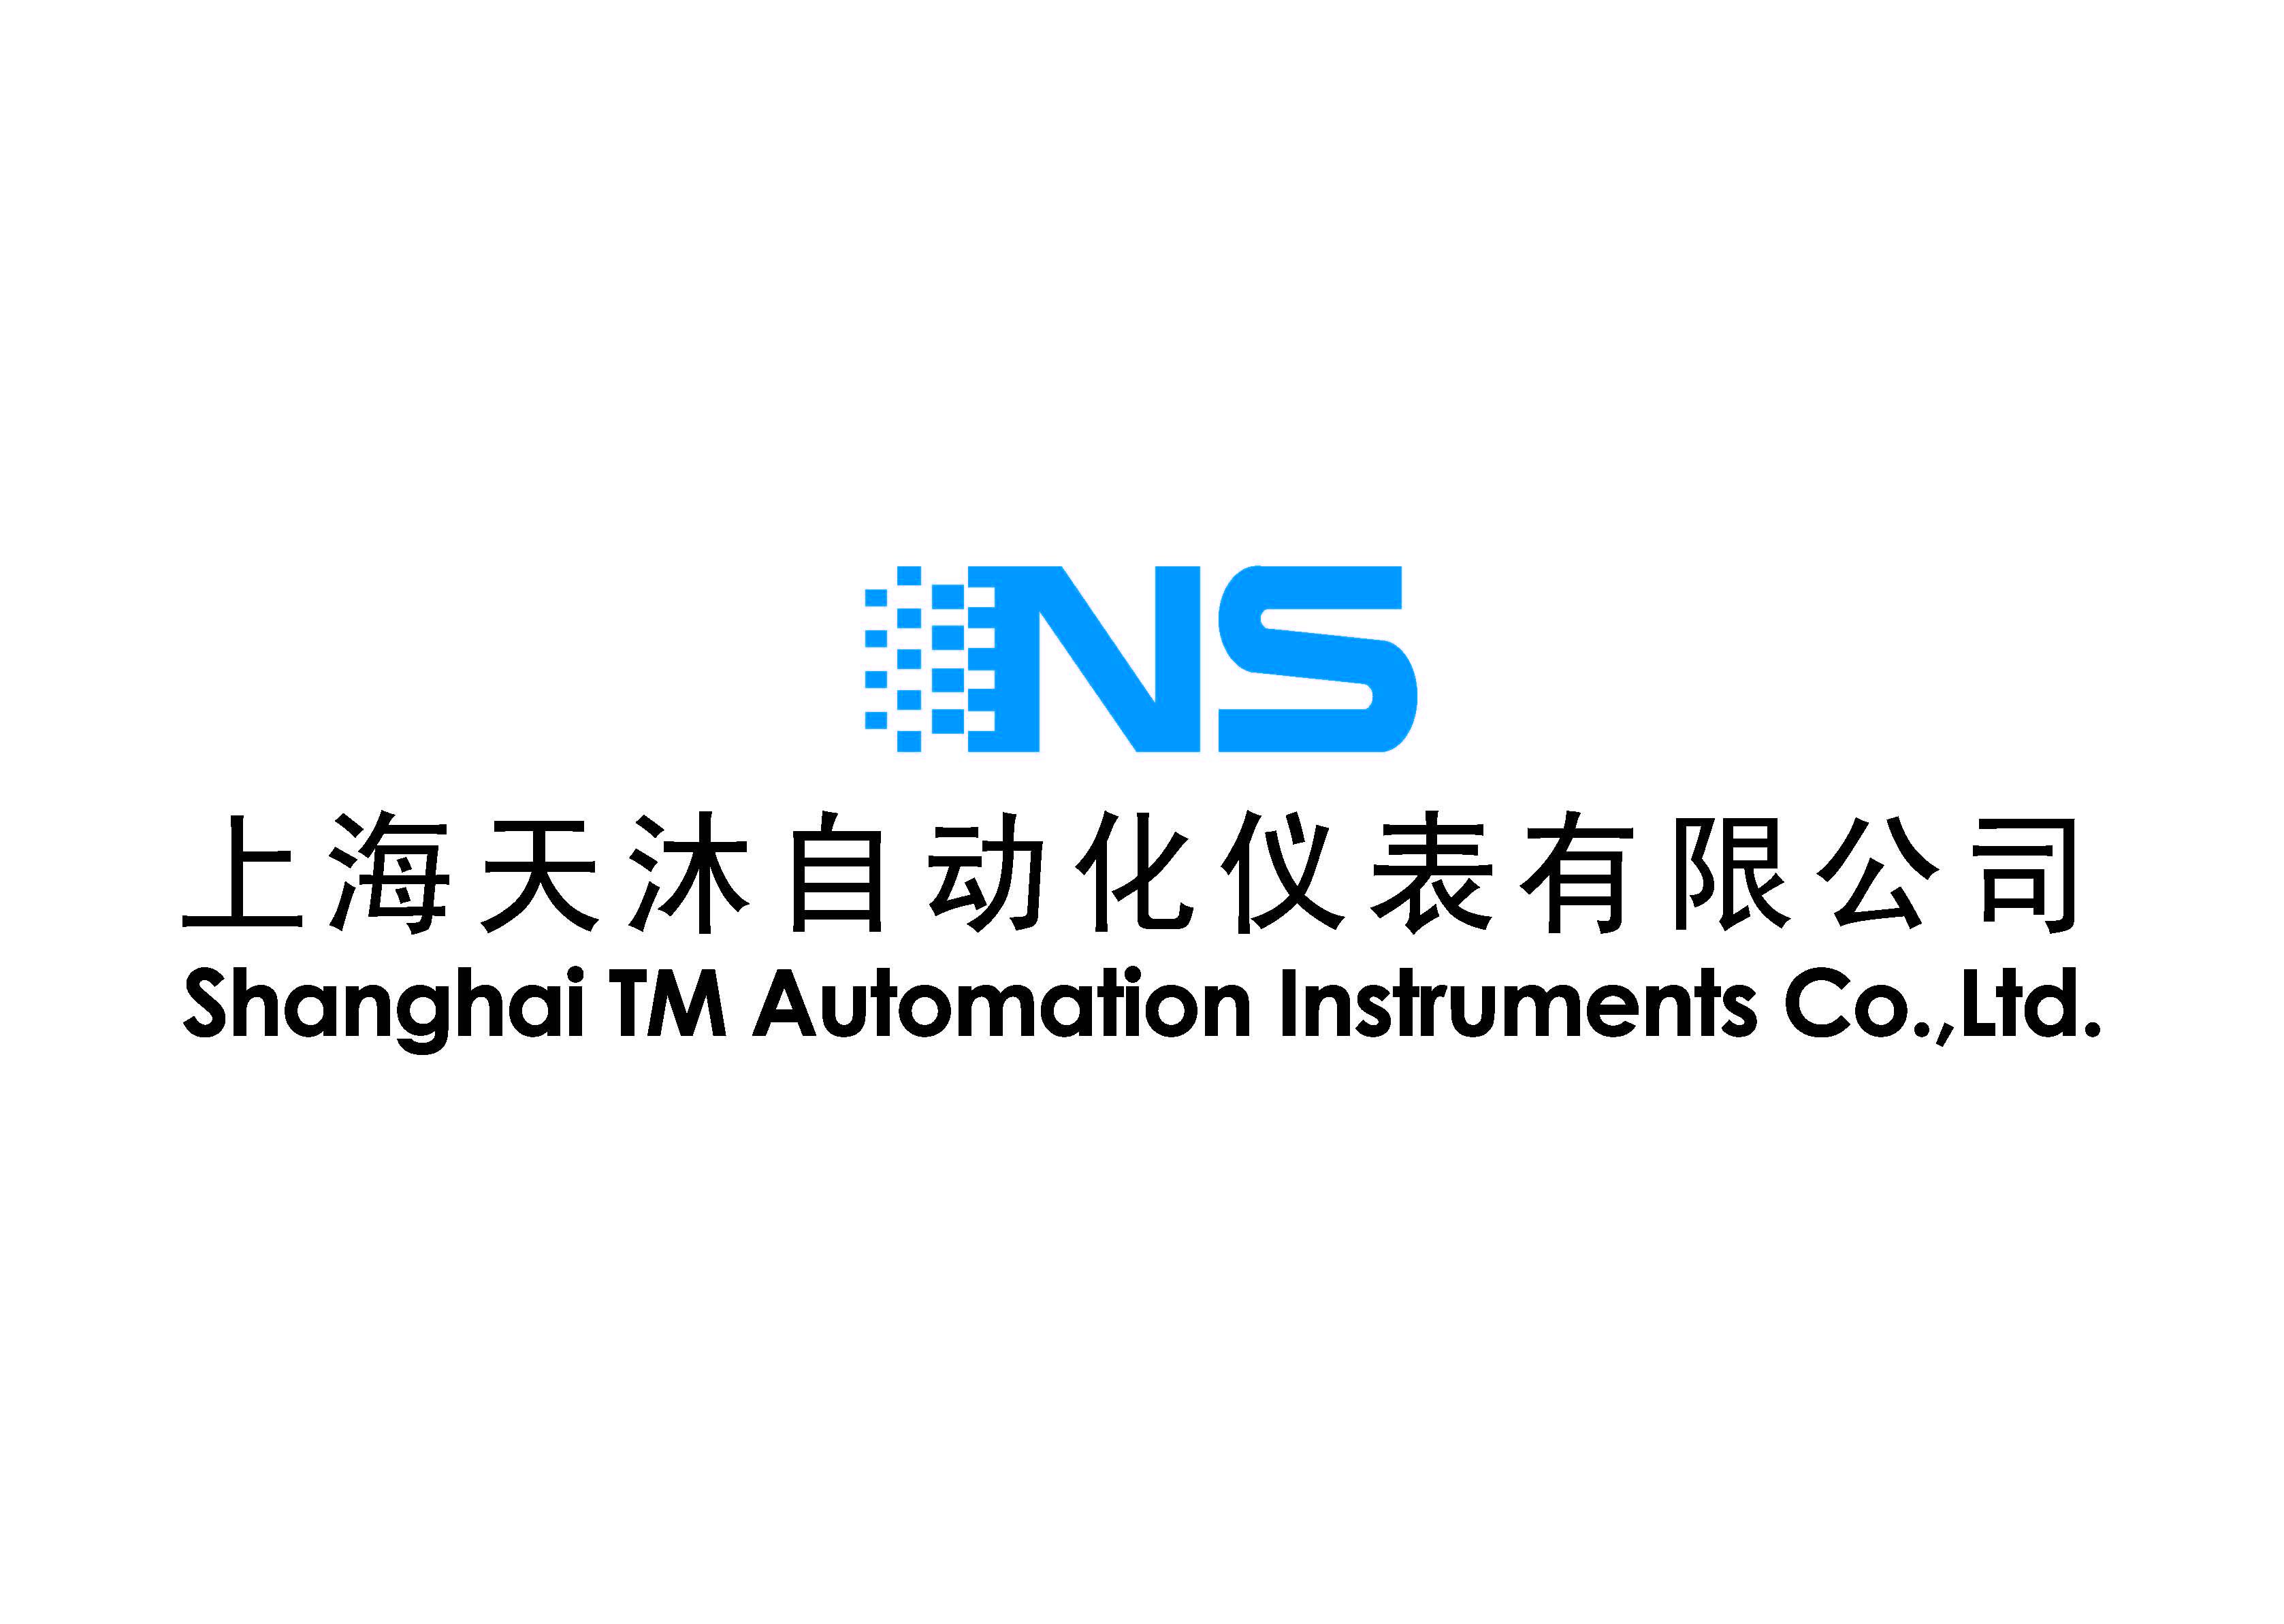 上海天沐自动化仪表有限公司